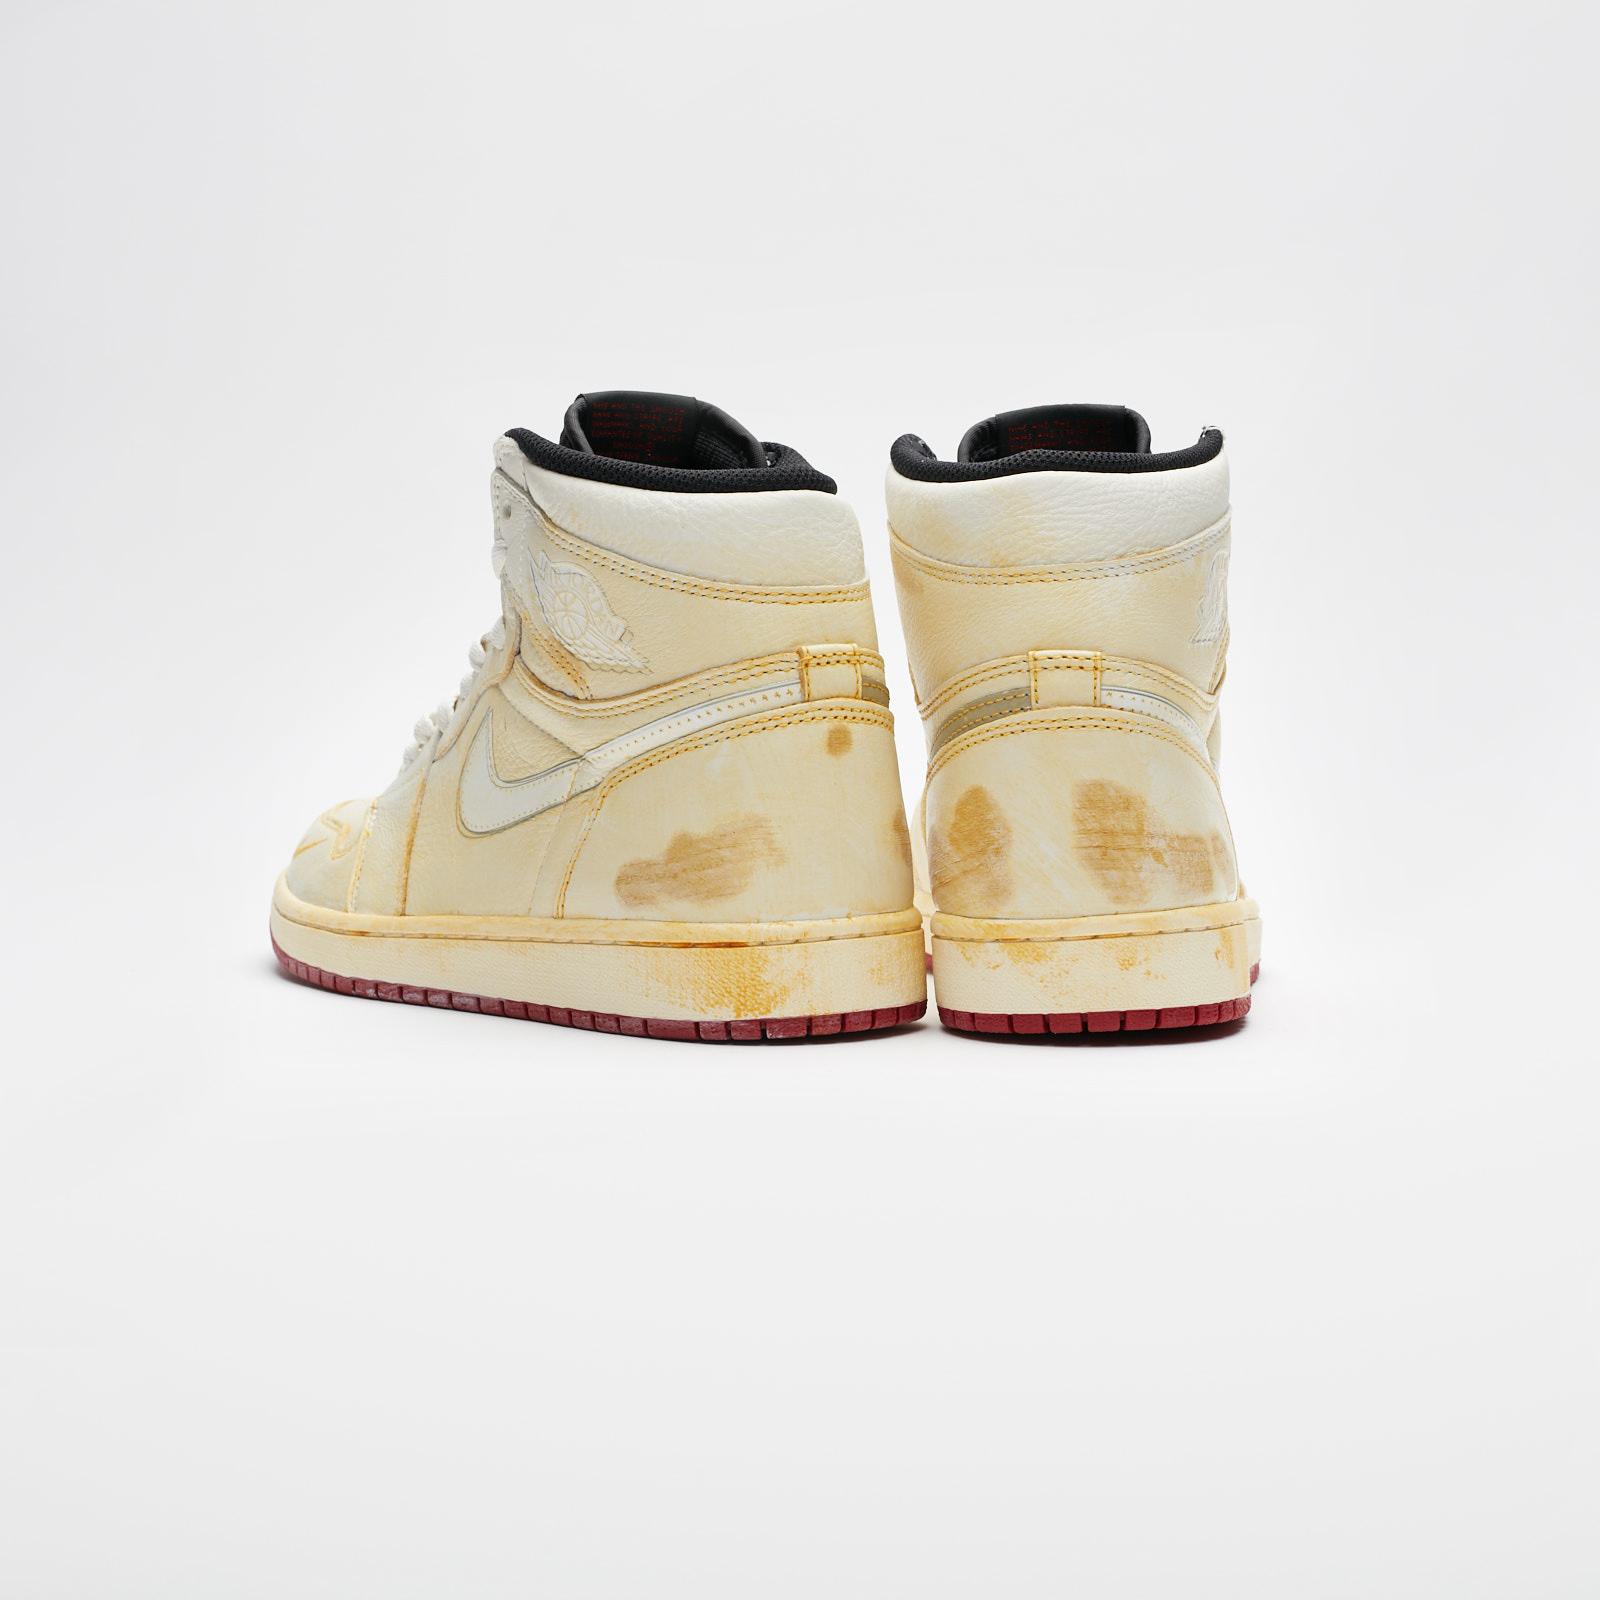 buy online dfd52 79a9b Jordan Brand Air Jordan 1 Hi OG NRG - Bv1803-106 - Sneakersnstuff    sneakers   streetwear online since 1999